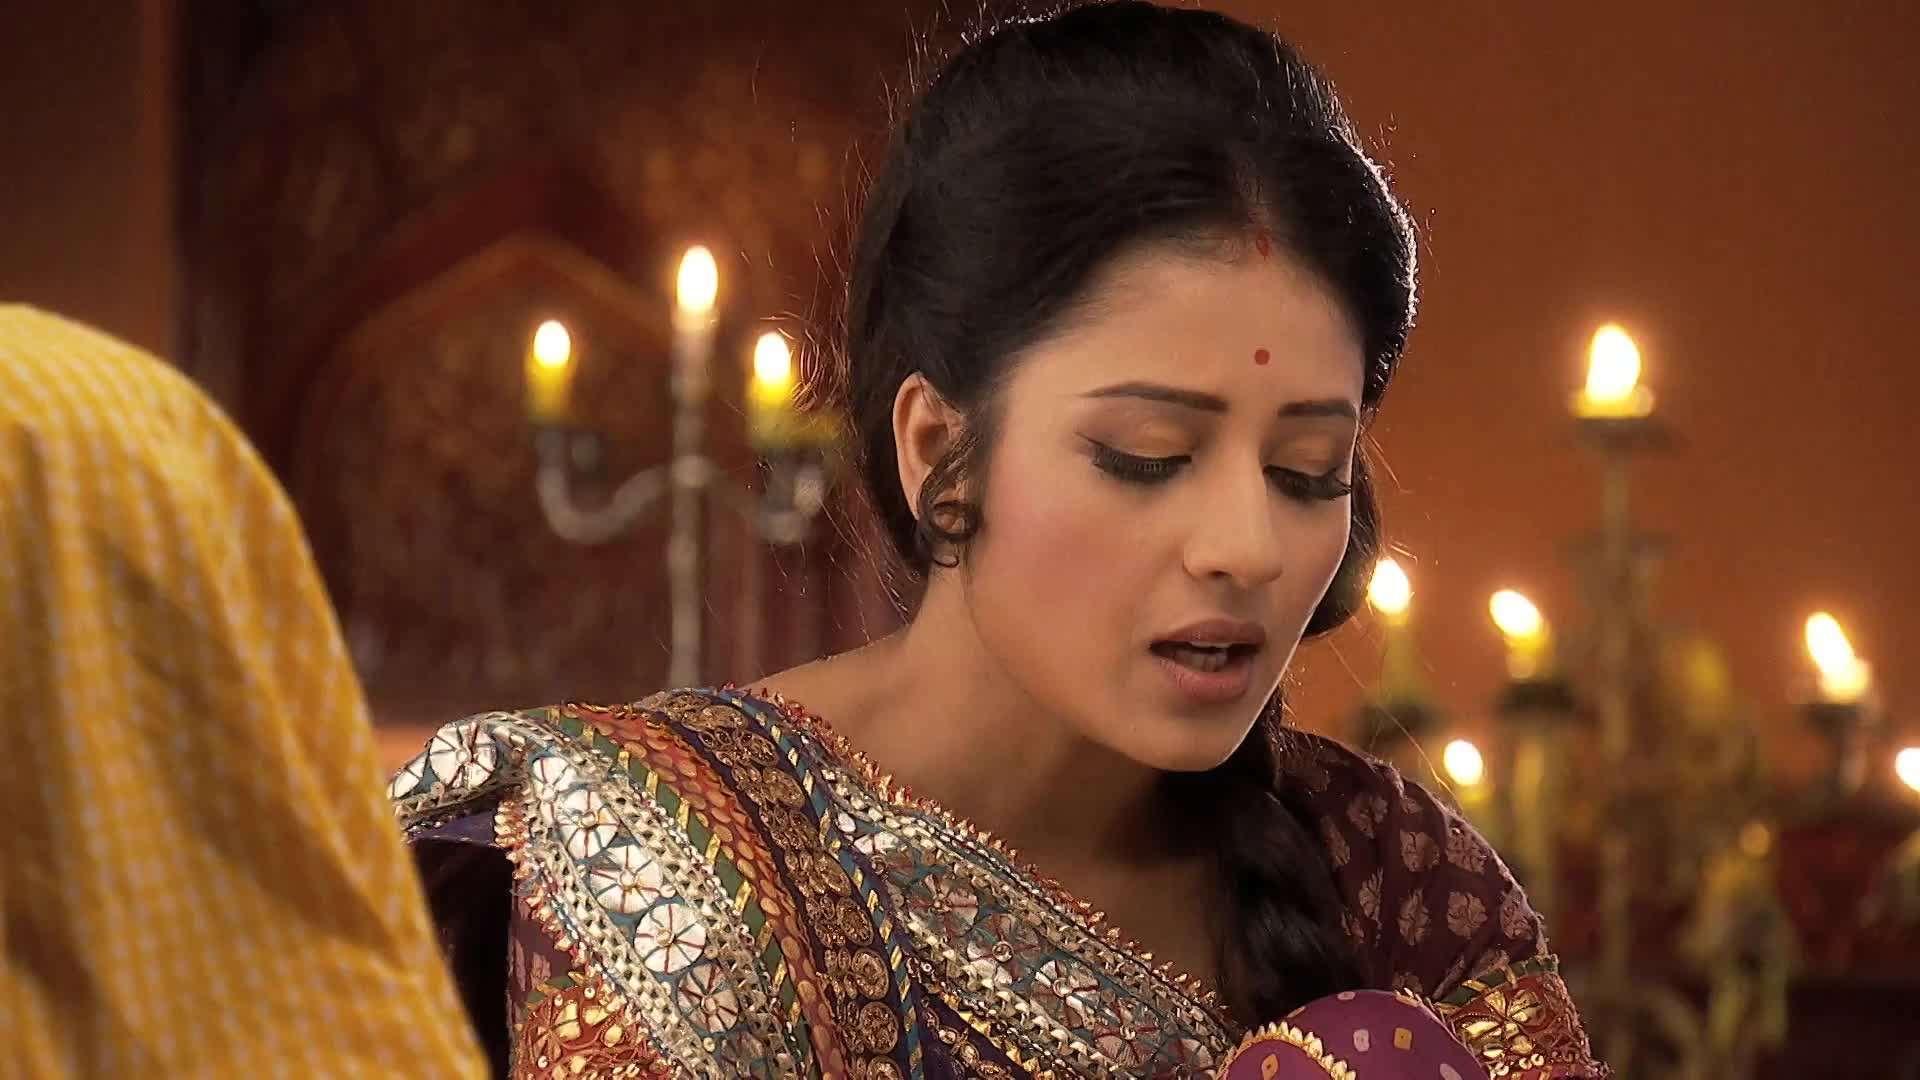 المسلسل الهندي التاريخي جودا أكبر الجزء الثاني (2013) [مدبلج] كامل 1080p تحميل تورنت 4 arabp2p.com